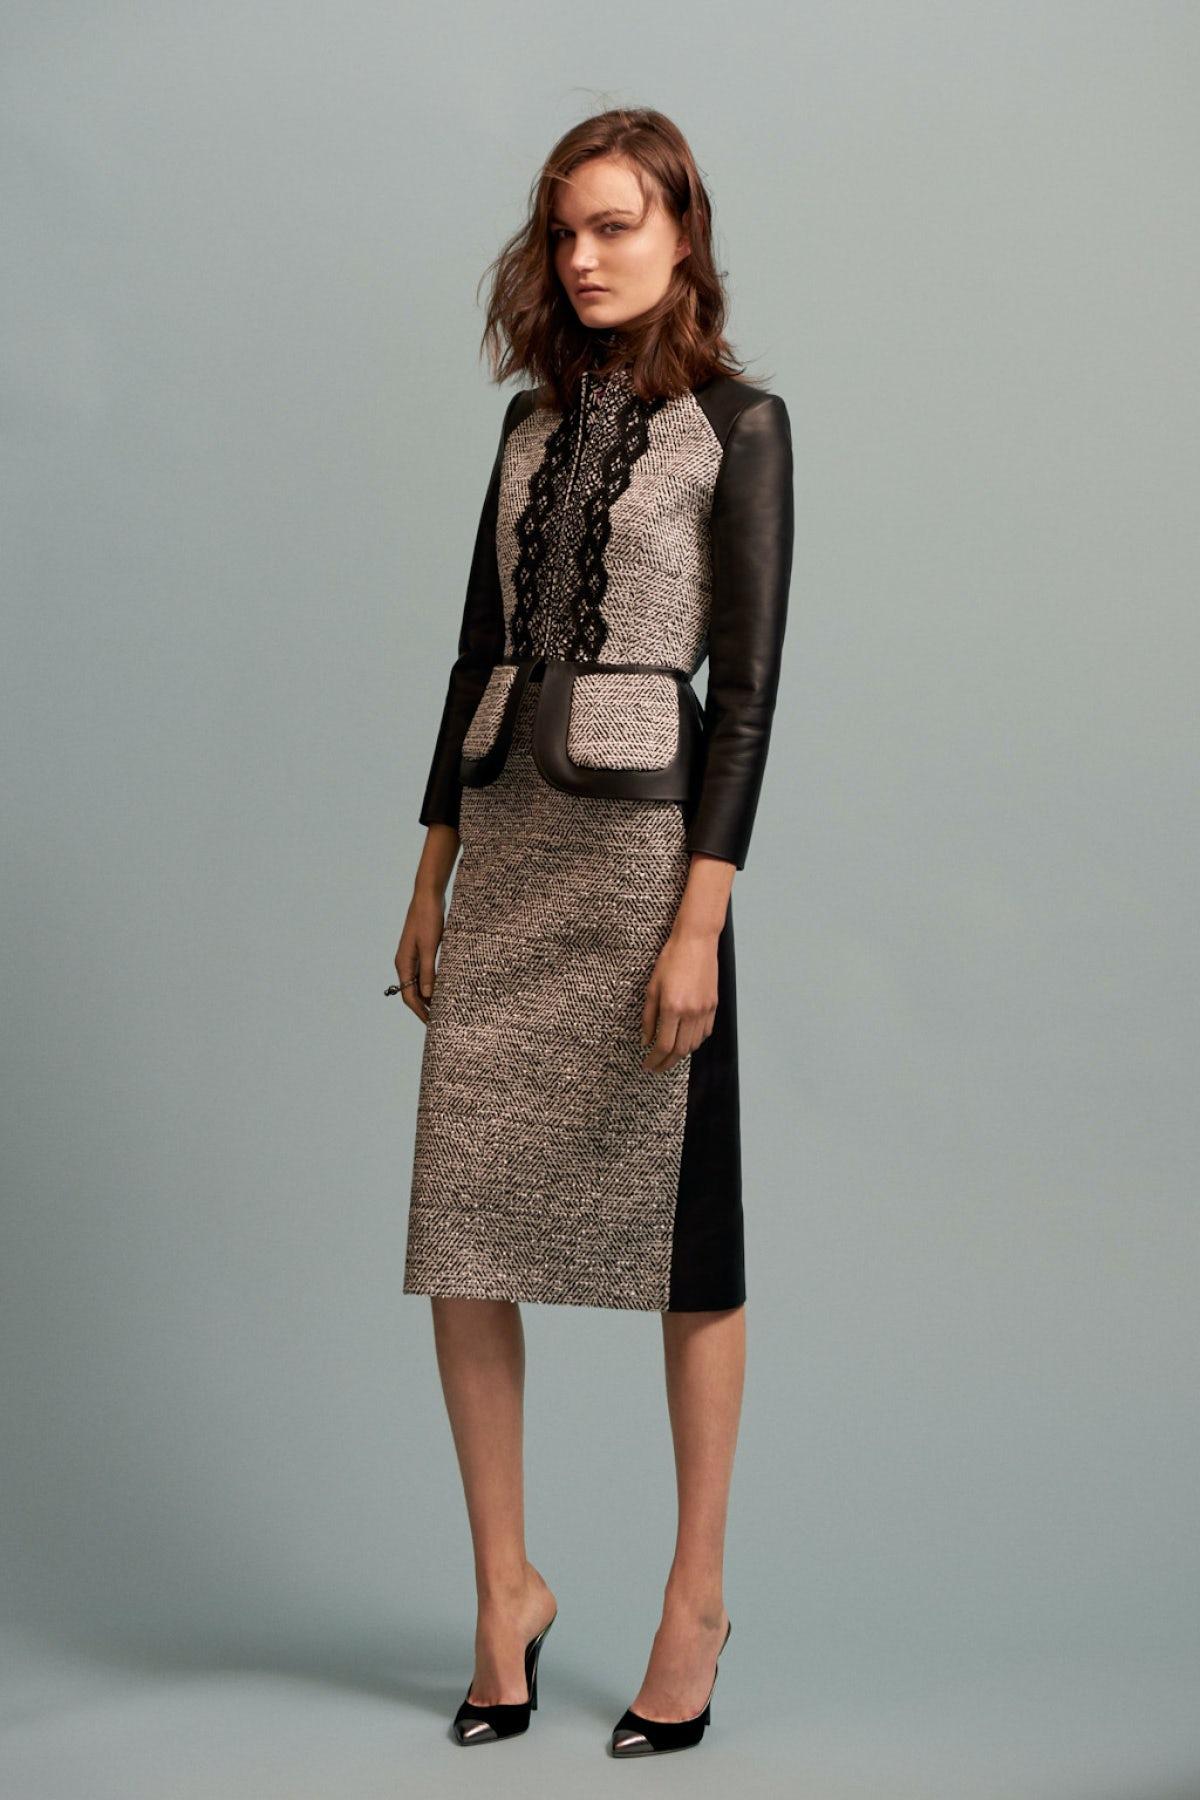 Defining Daywear at Oscar de la Renta